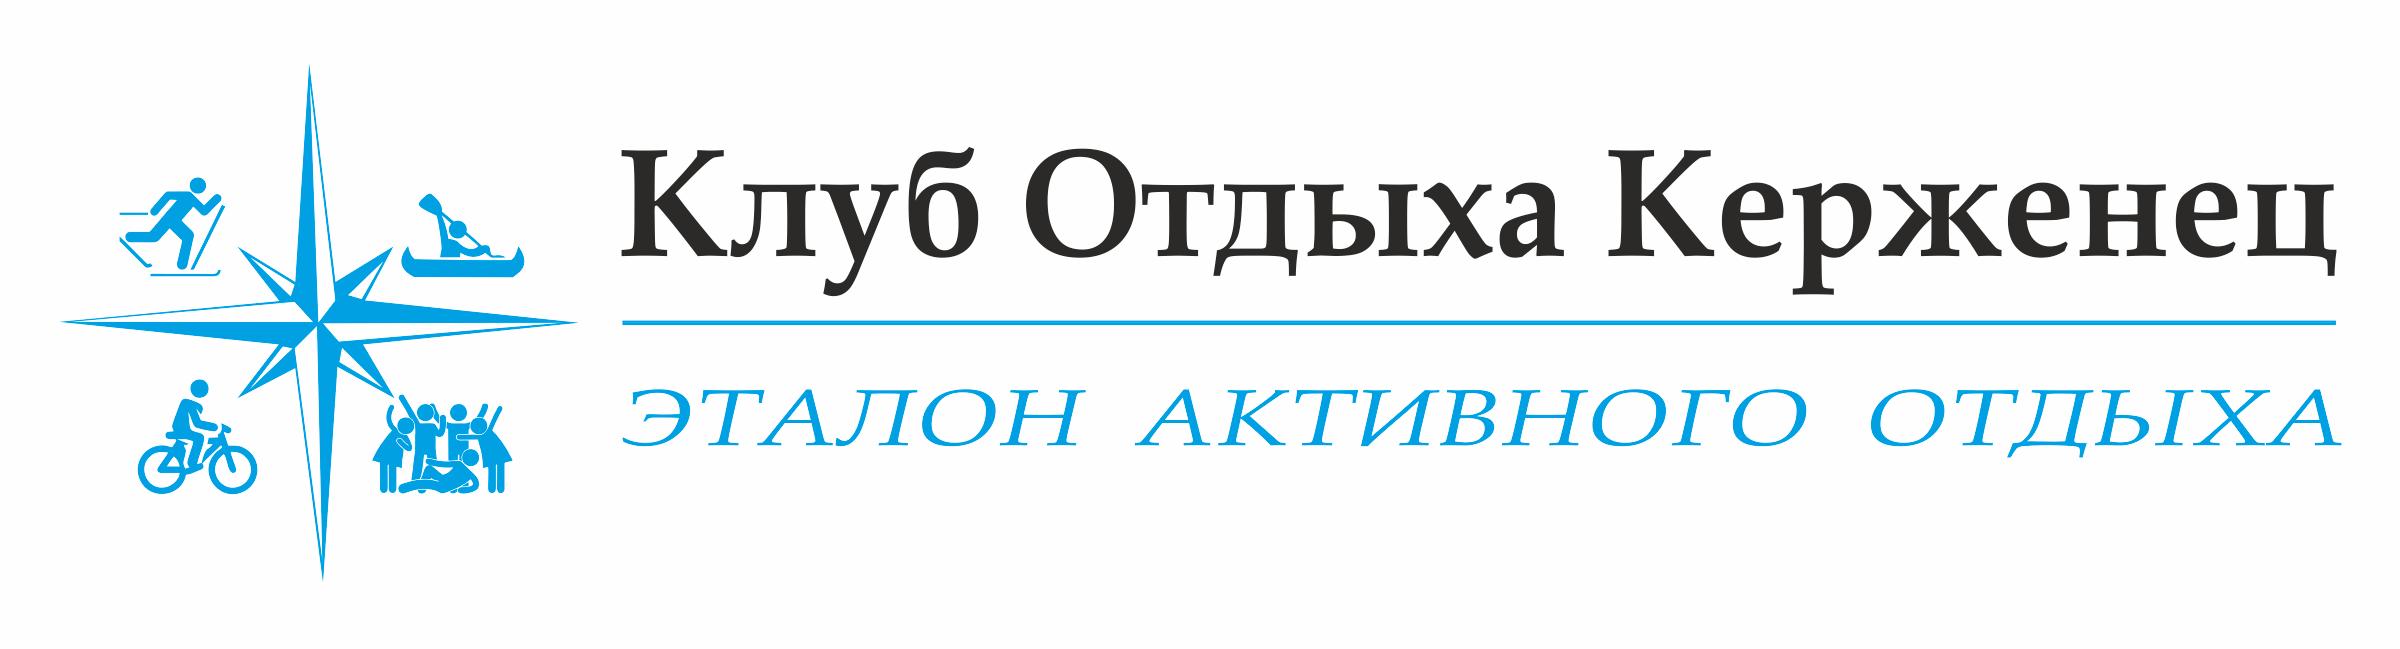 Самый качественный отдых на природе в Нижегородской области